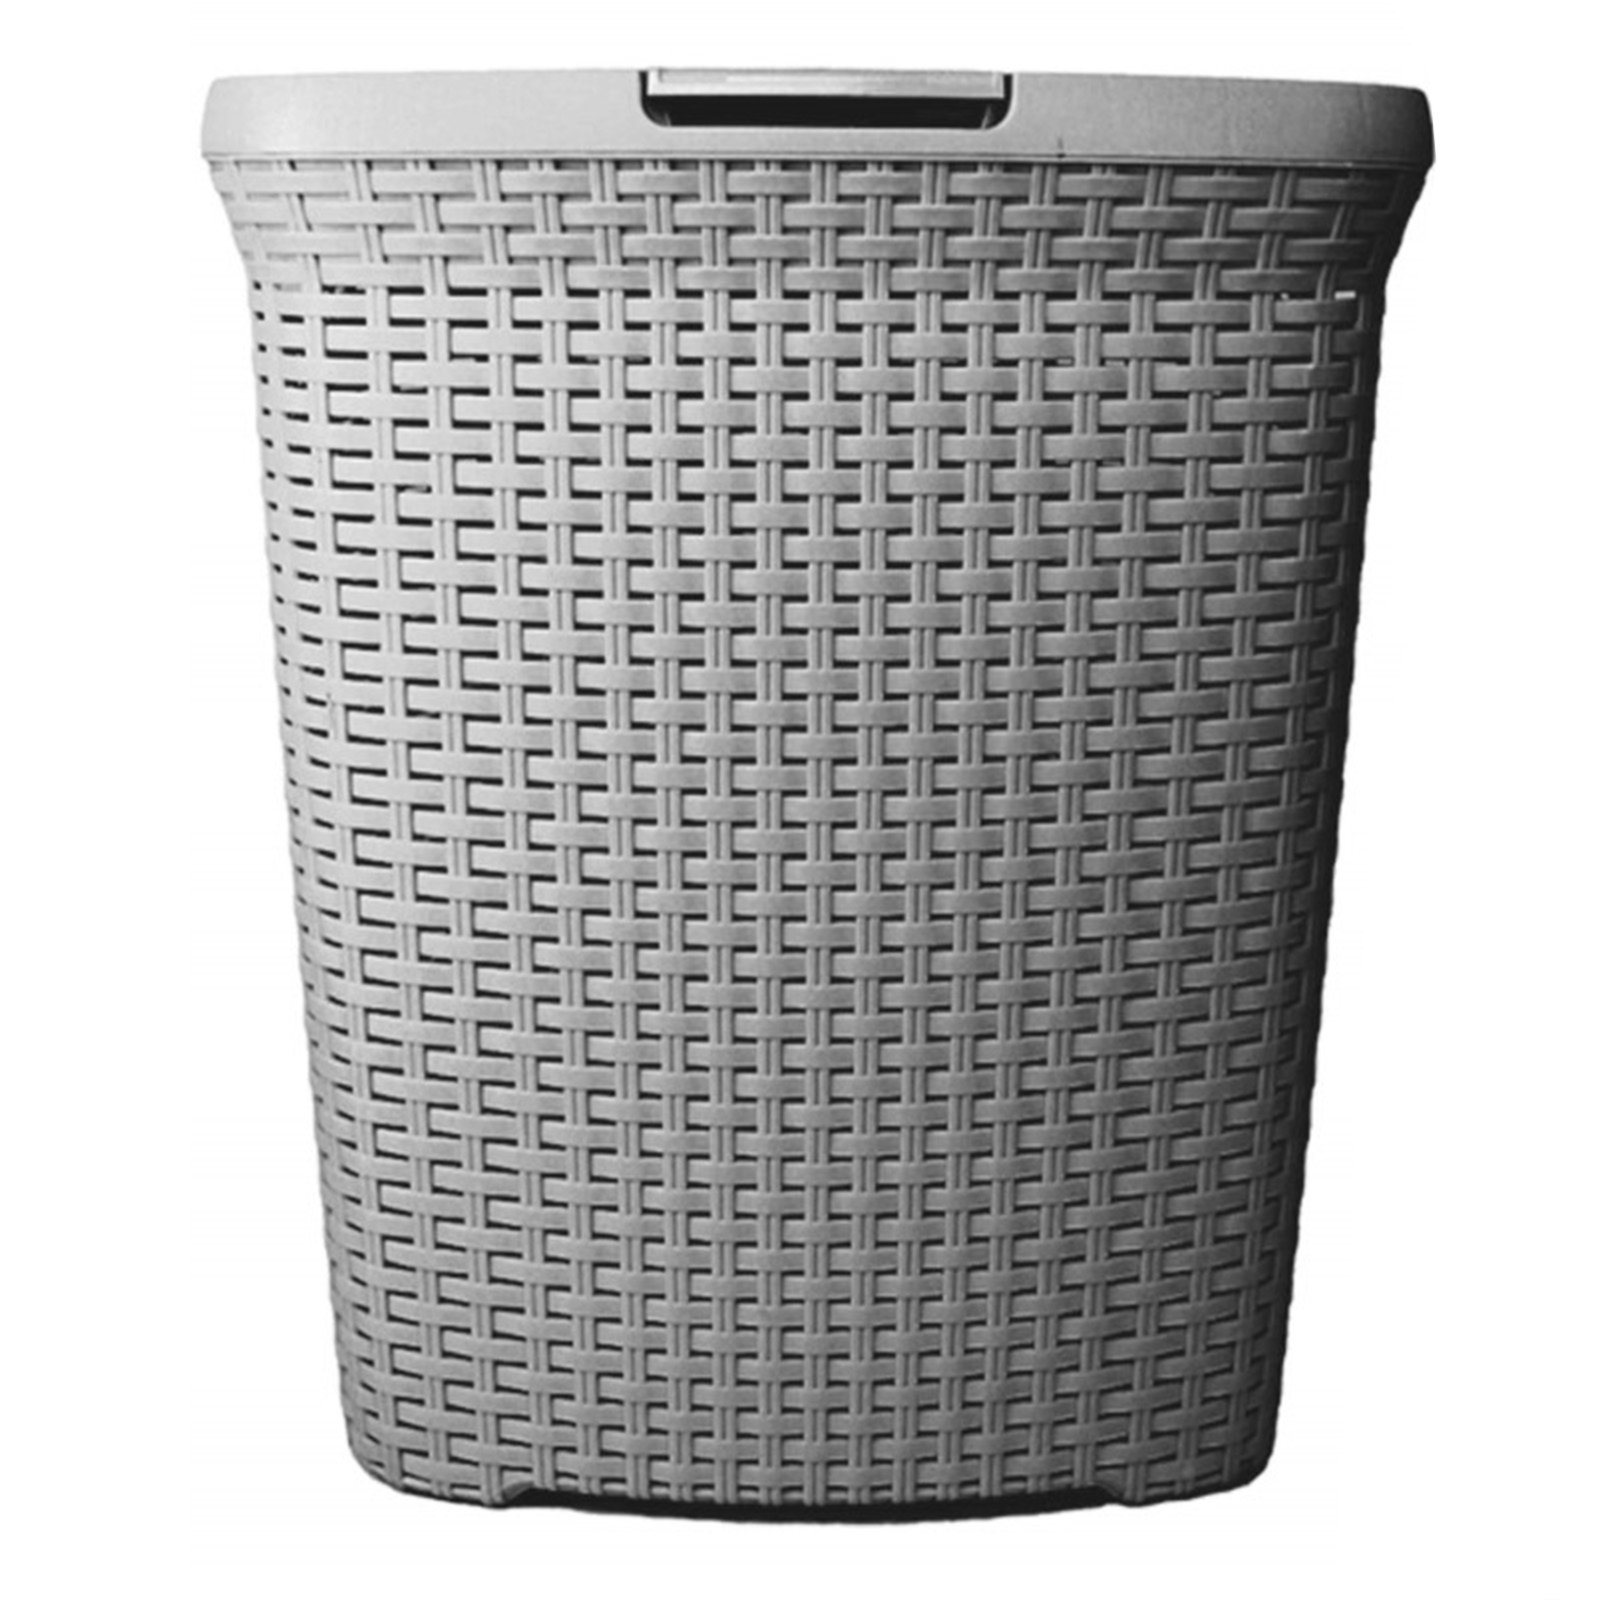 Waschekorbe Waschesammler Jetzt Bei Roller Gunstig Kaufen